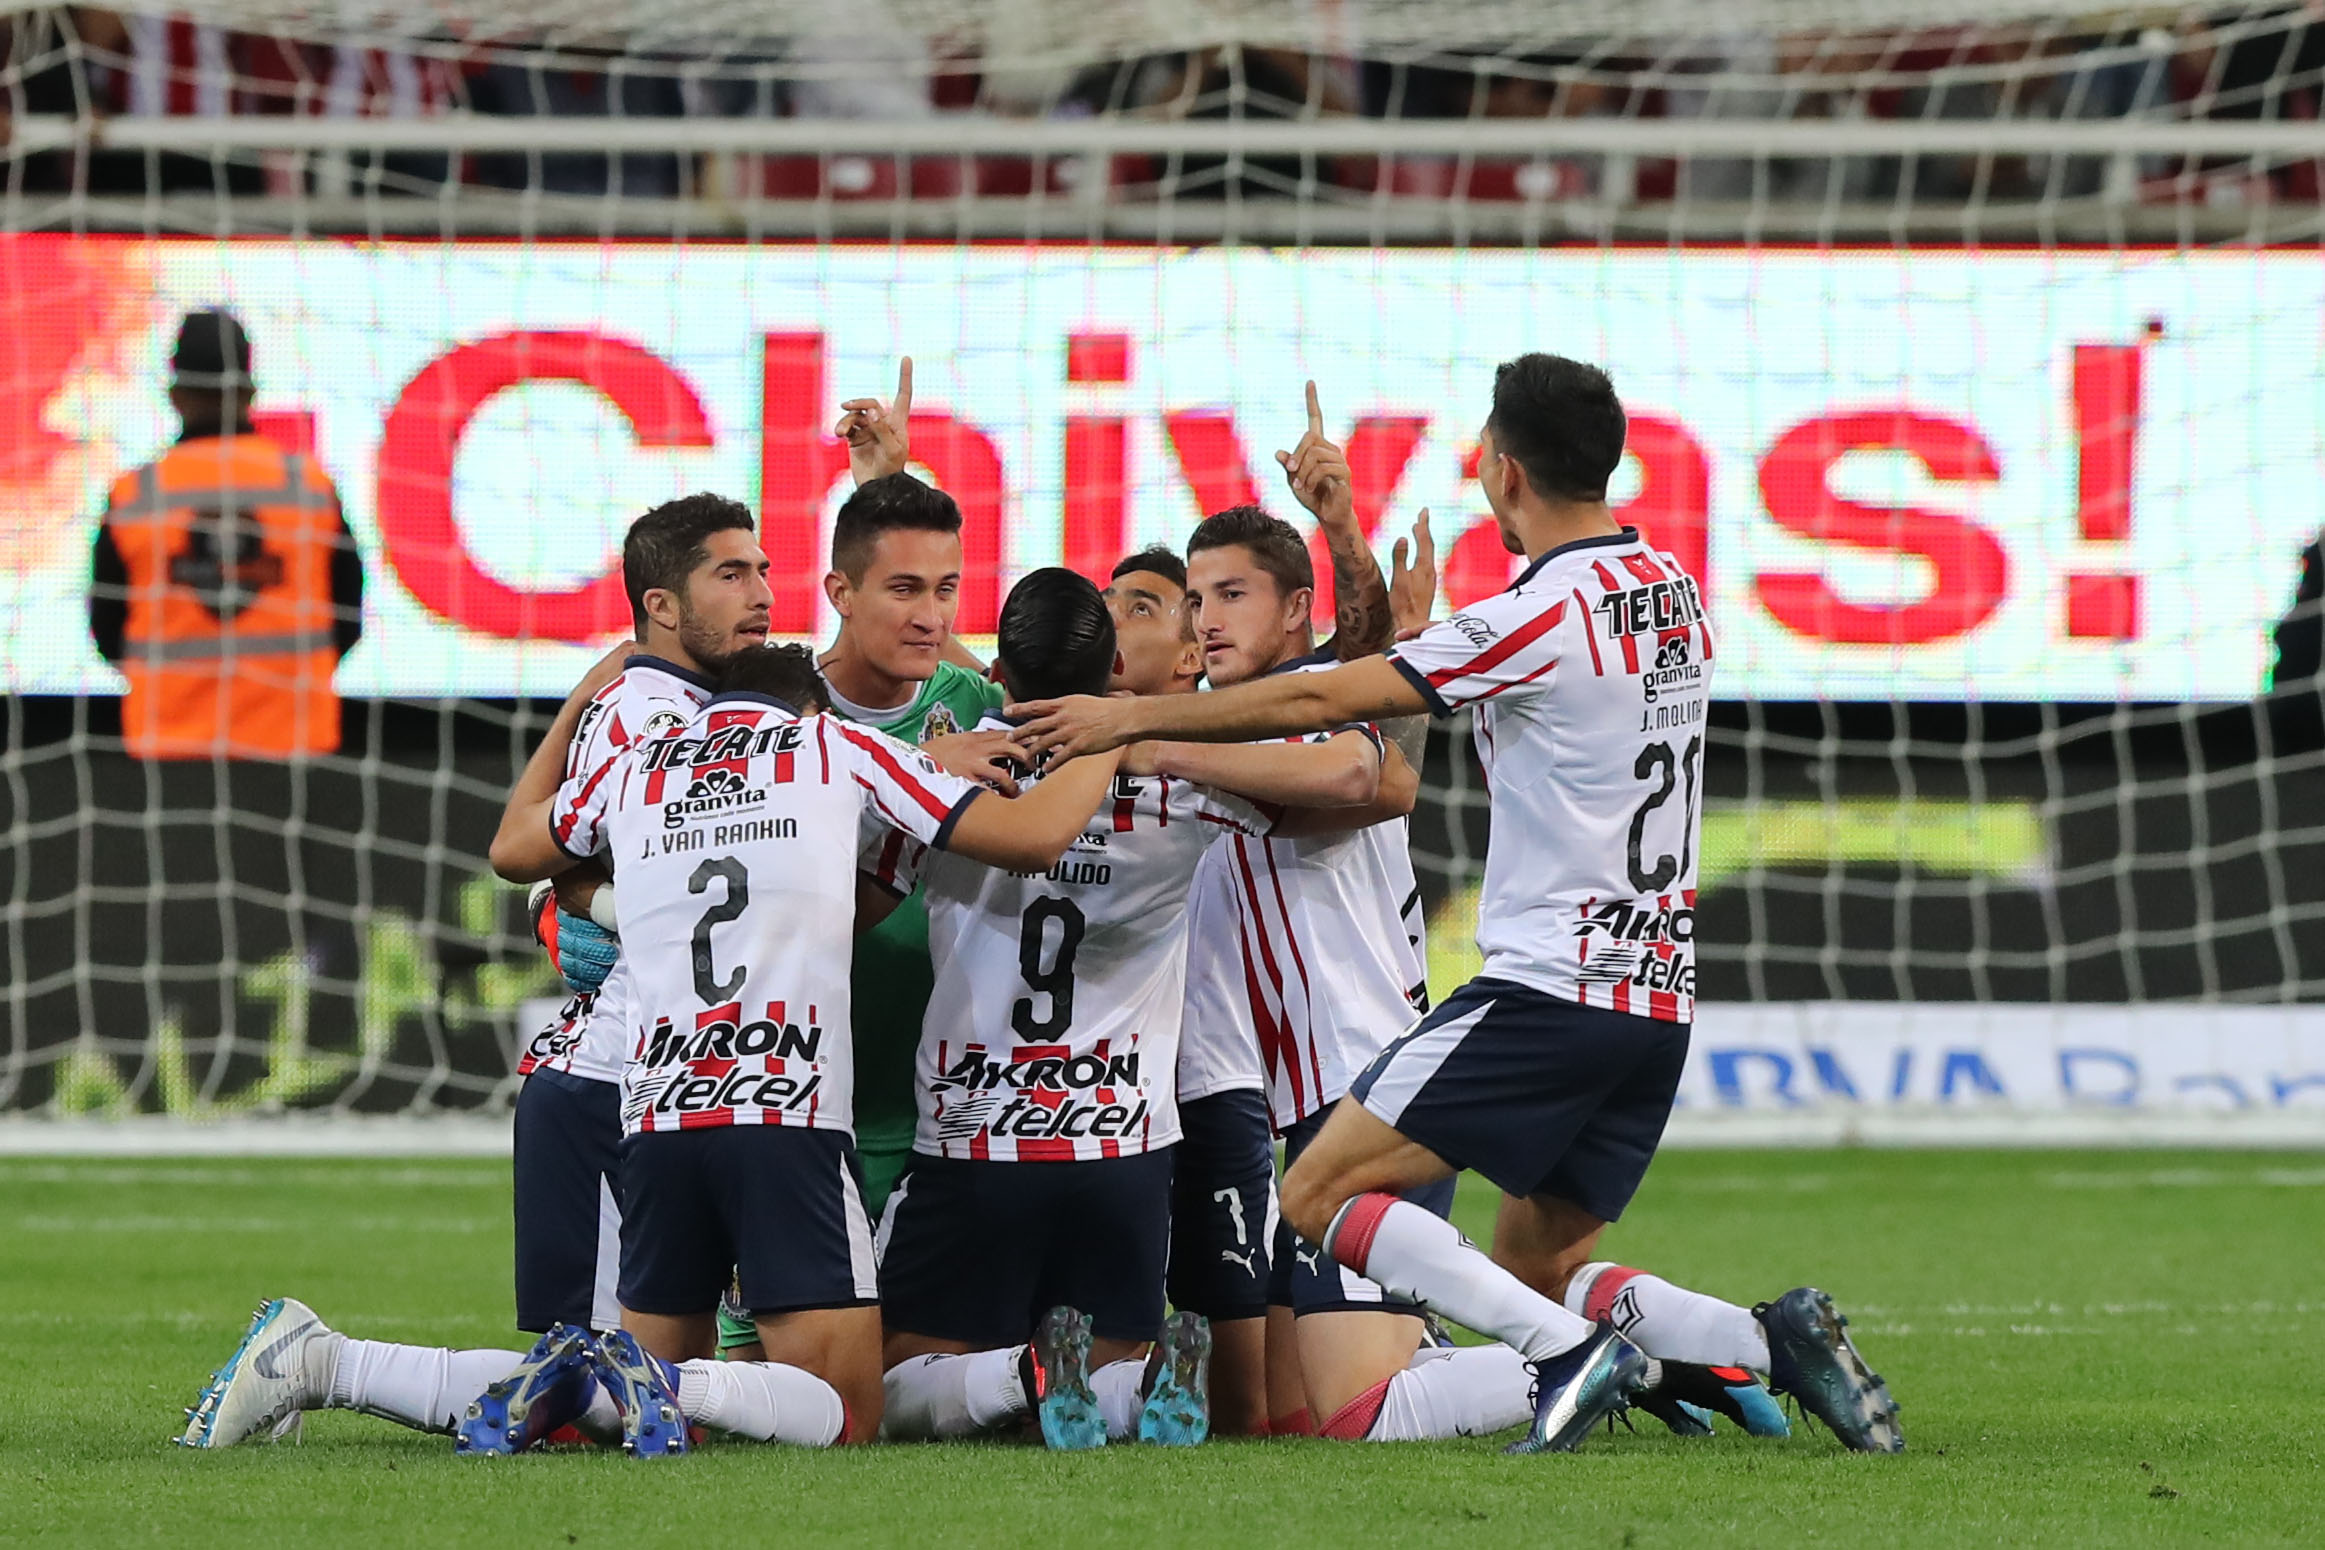 Chivas Toluca Resultado Clausura 2019 Los Pleyers